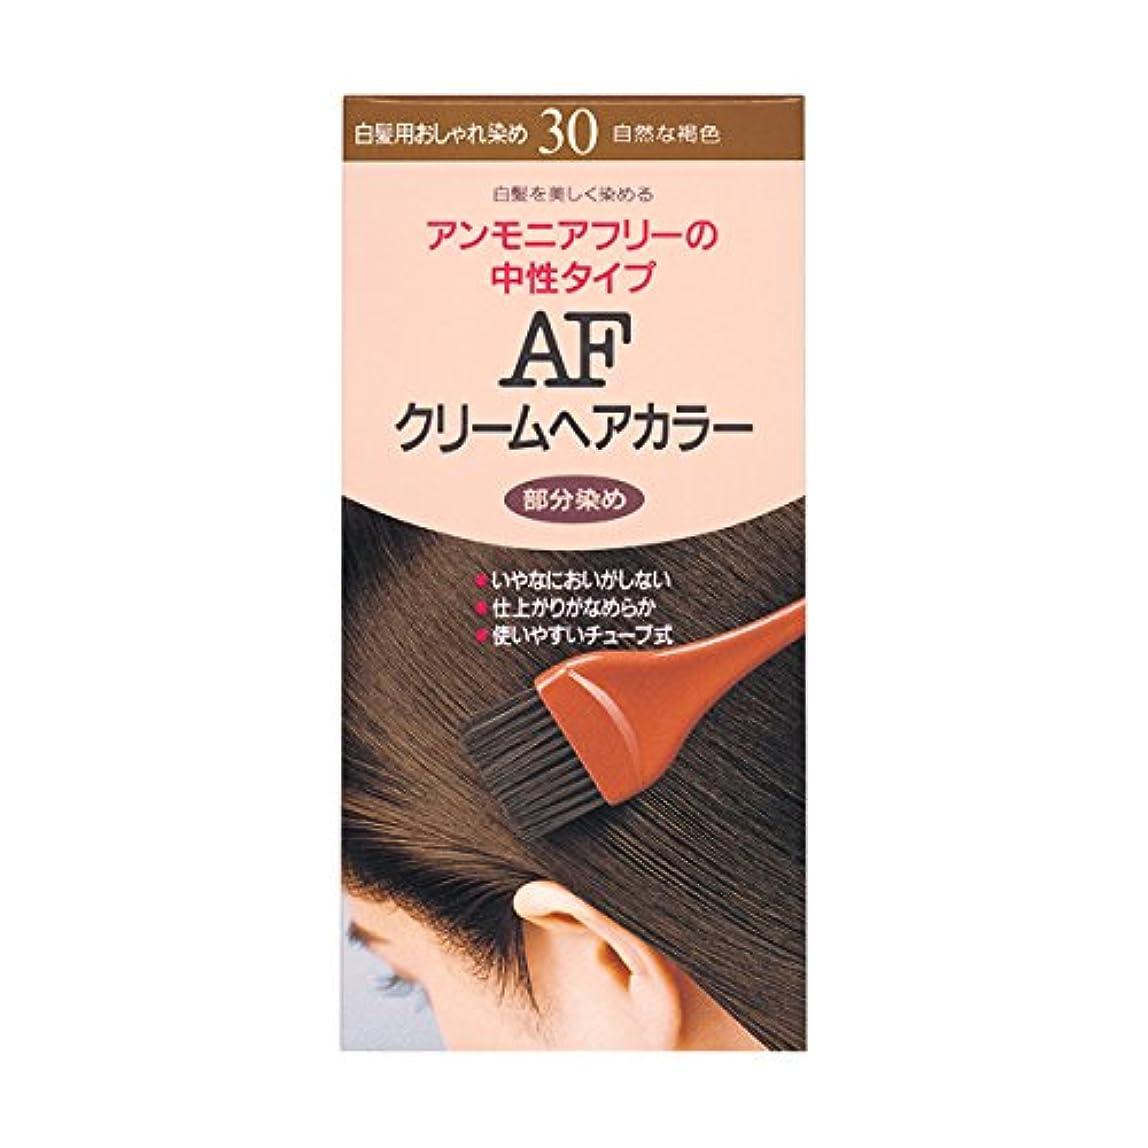 件名アンタゴニストブラシヘアカラー AFクリームヘアカラー 30 【医薬部外品】